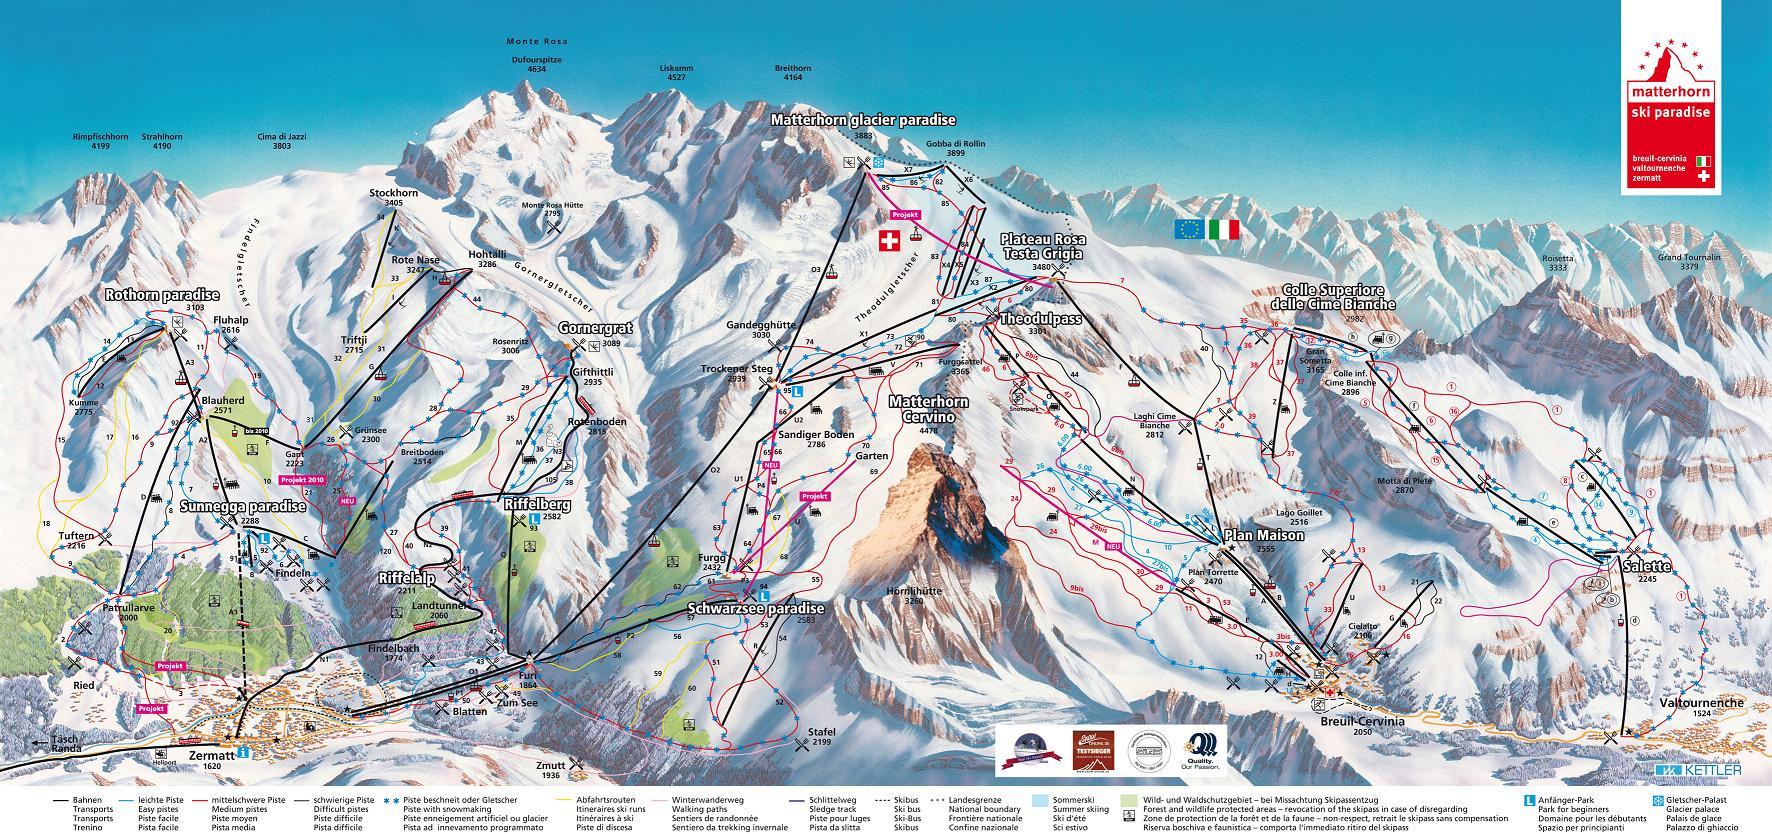 02x19 Viajar a Zermatt y Cervinia, Ruth Frutos al Campeonato Mundial Junior  de Freeride, Trofeo Jesús Serra, Era Baishada... y más!!! - Hablamos de  esquí - Nevasport.com